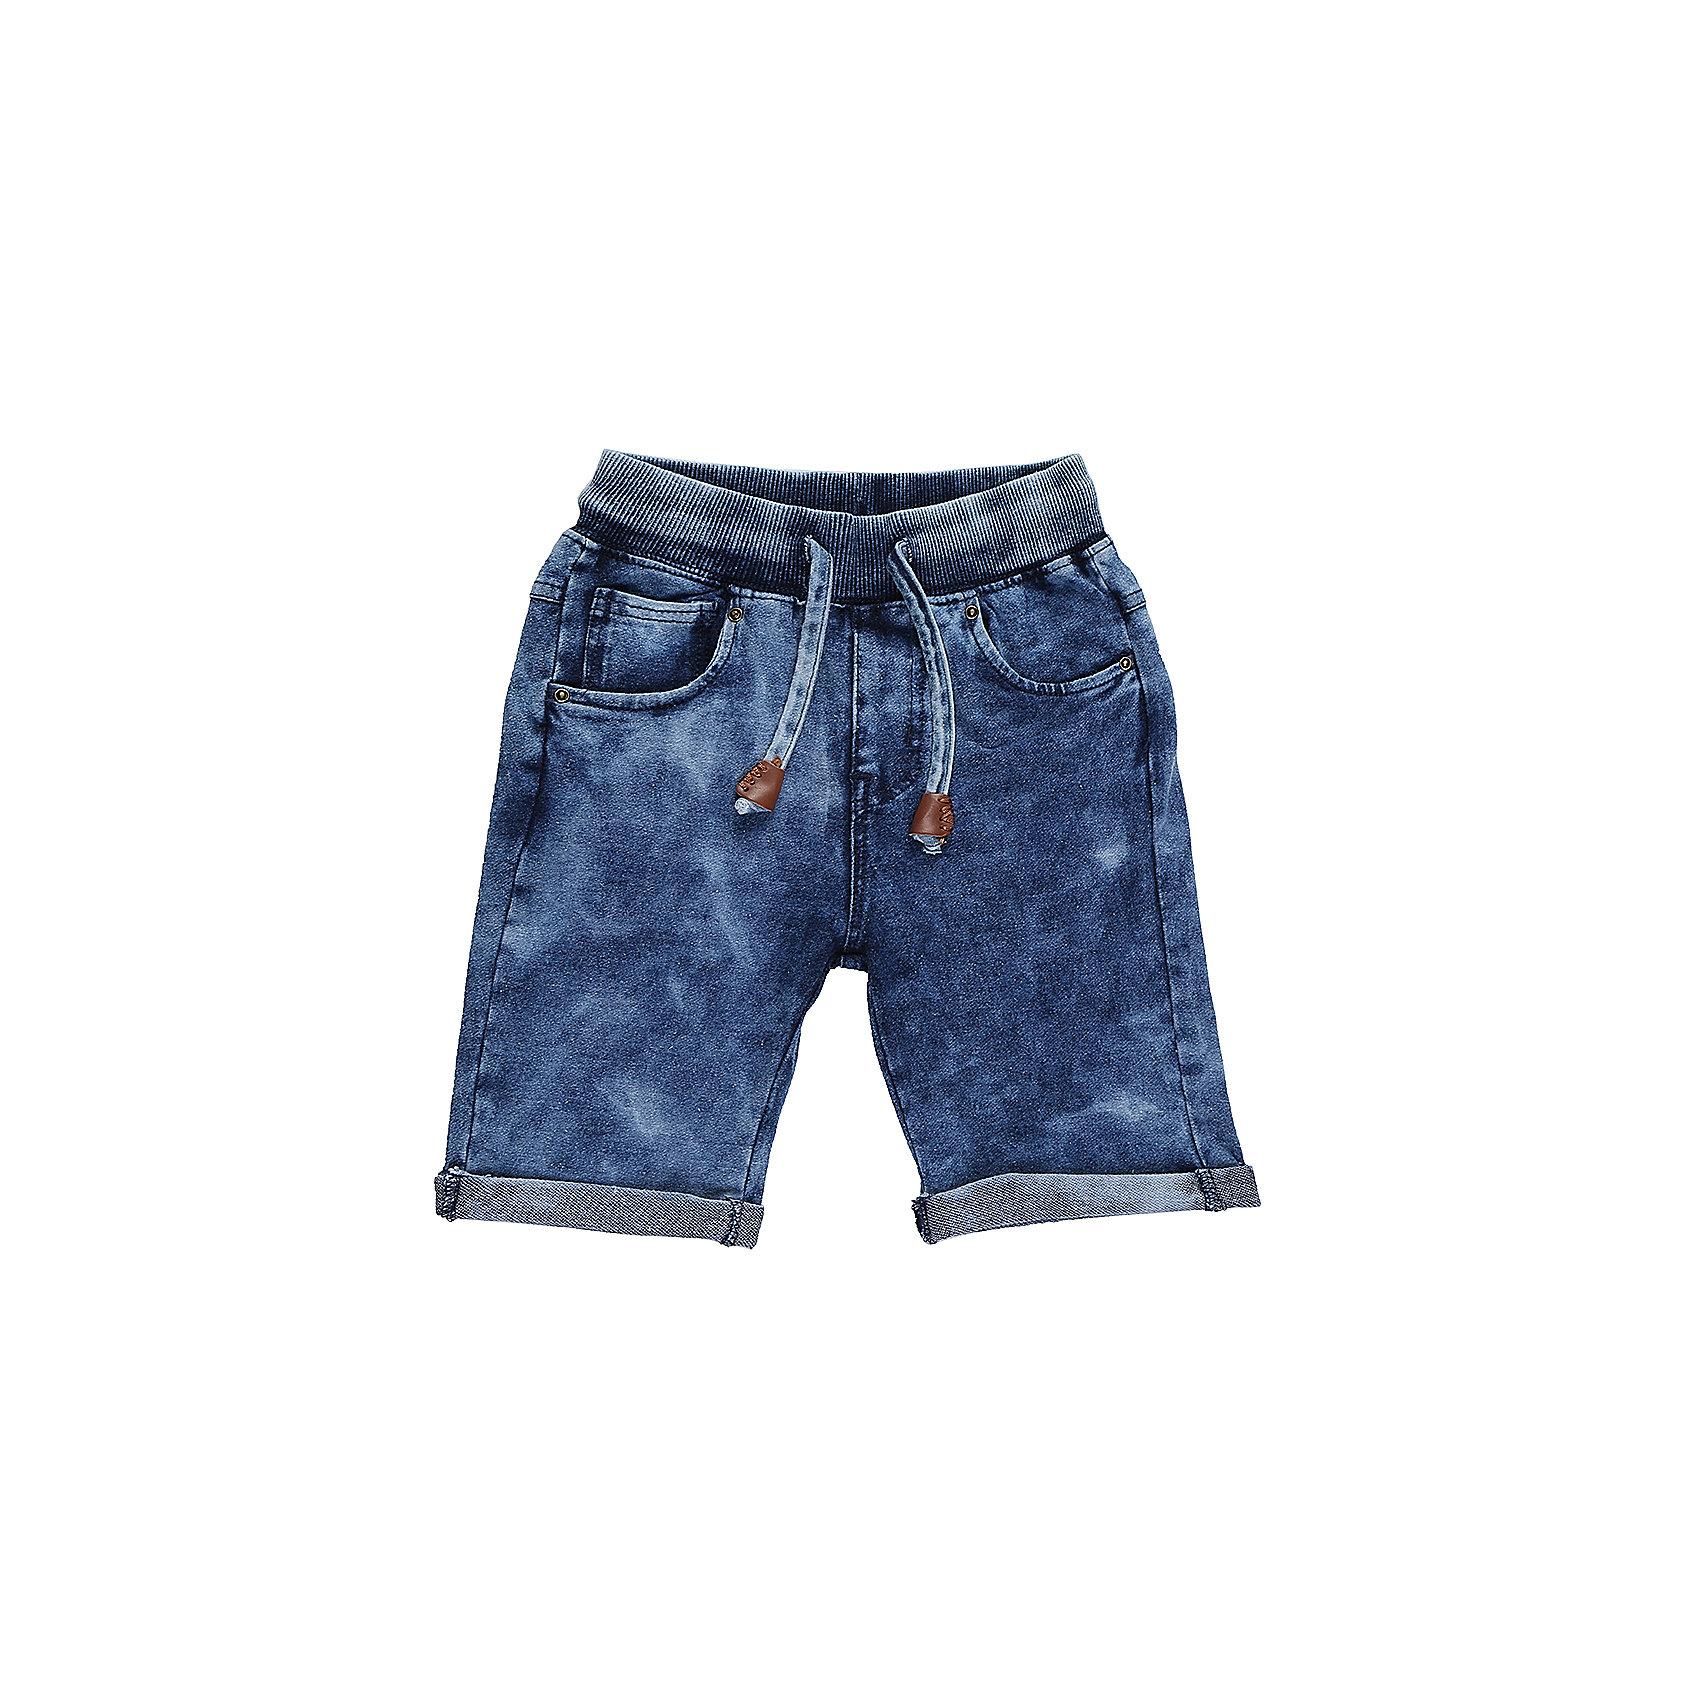 Шорты джинсовые для мальчика Sweet BerryДжинсовая одежда<br>Мягкие, трикотажные шорты с отворотом для мальчика. Спереди два прорезных кармана. Пояс-резинка дополнен шнуром для регулирования объема.<br>Состав:<br>95%хлопок 5%эластан<br><br>Ширина мм: 191<br>Глубина мм: 10<br>Высота мм: 175<br>Вес г: 273<br>Цвет: синий<br>Возраст от месяцев: 36<br>Возраст до месяцев: 48<br>Пол: Мужской<br>Возраст: Детский<br>Размер: 104,98,110,116,122,128<br>SKU: 5410491